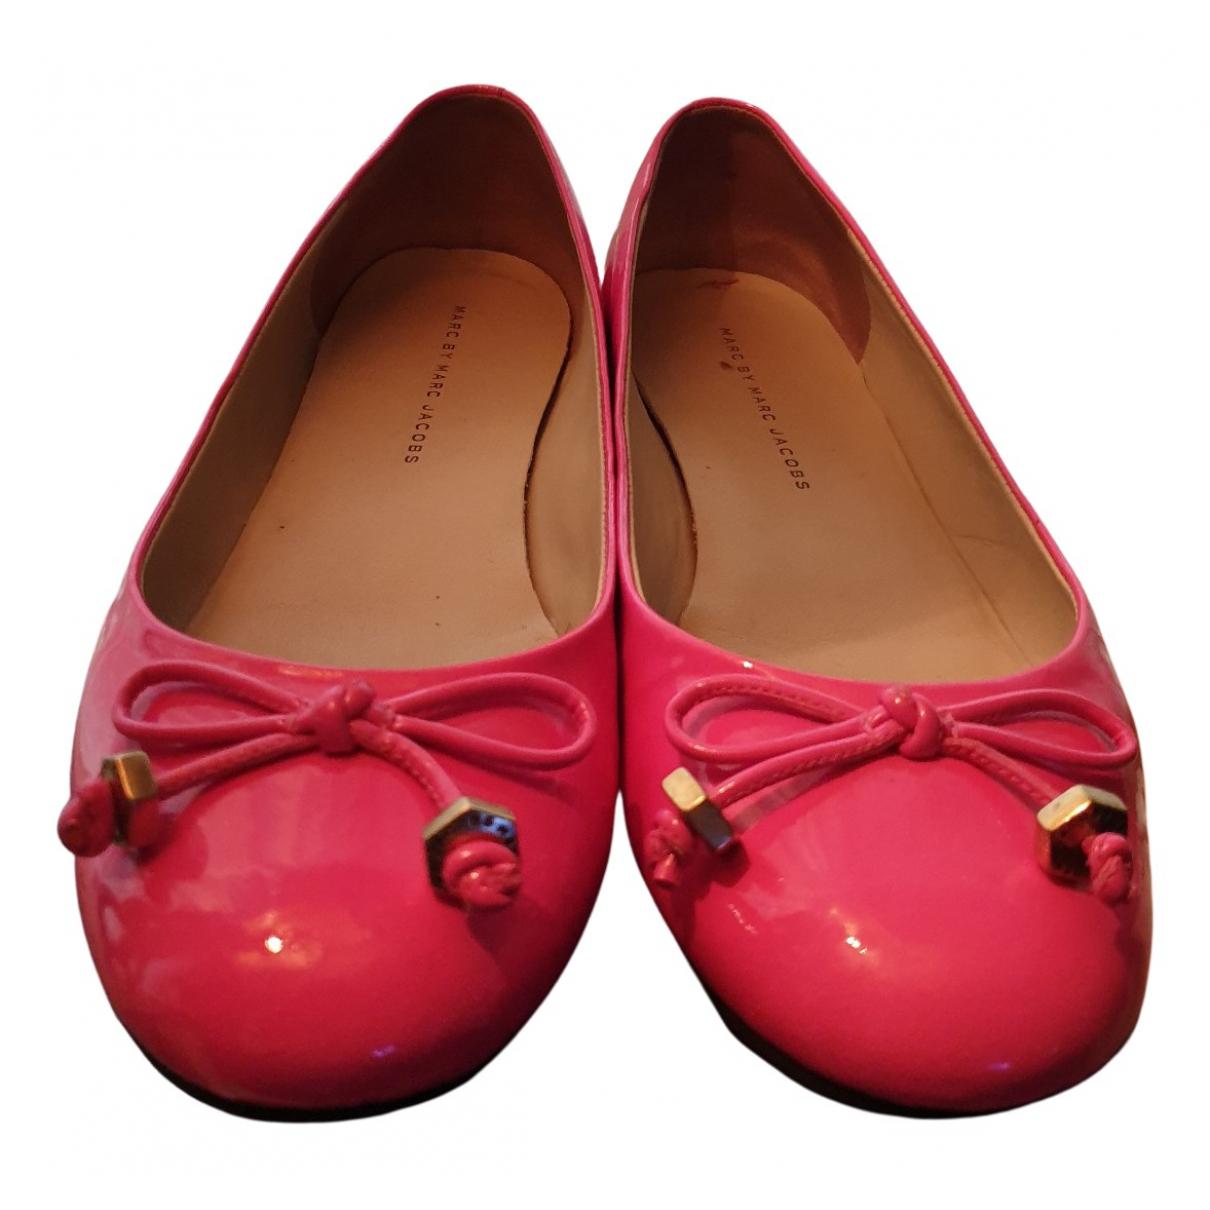 Marc By Marc Jacobs - Ballerines   pour femme en cuir verni - rose